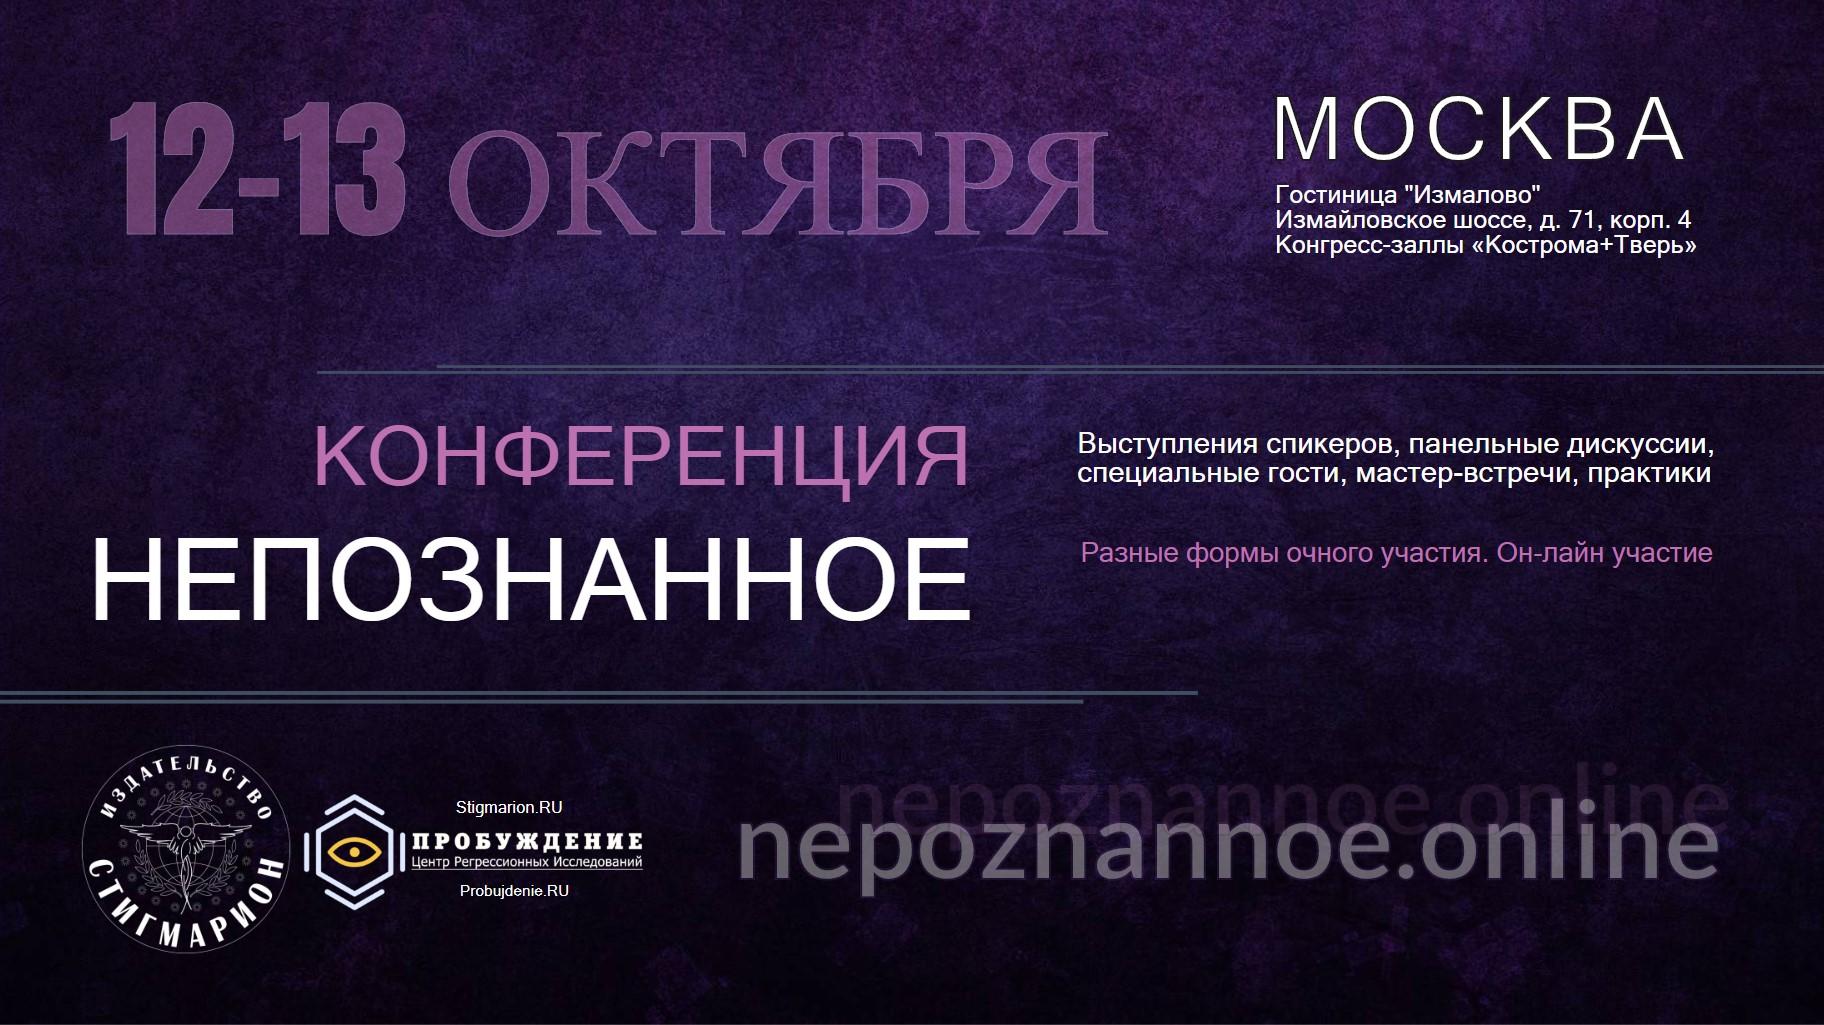 Конференция НЕПОЗНАННОЕ в Москве 12-13 октября